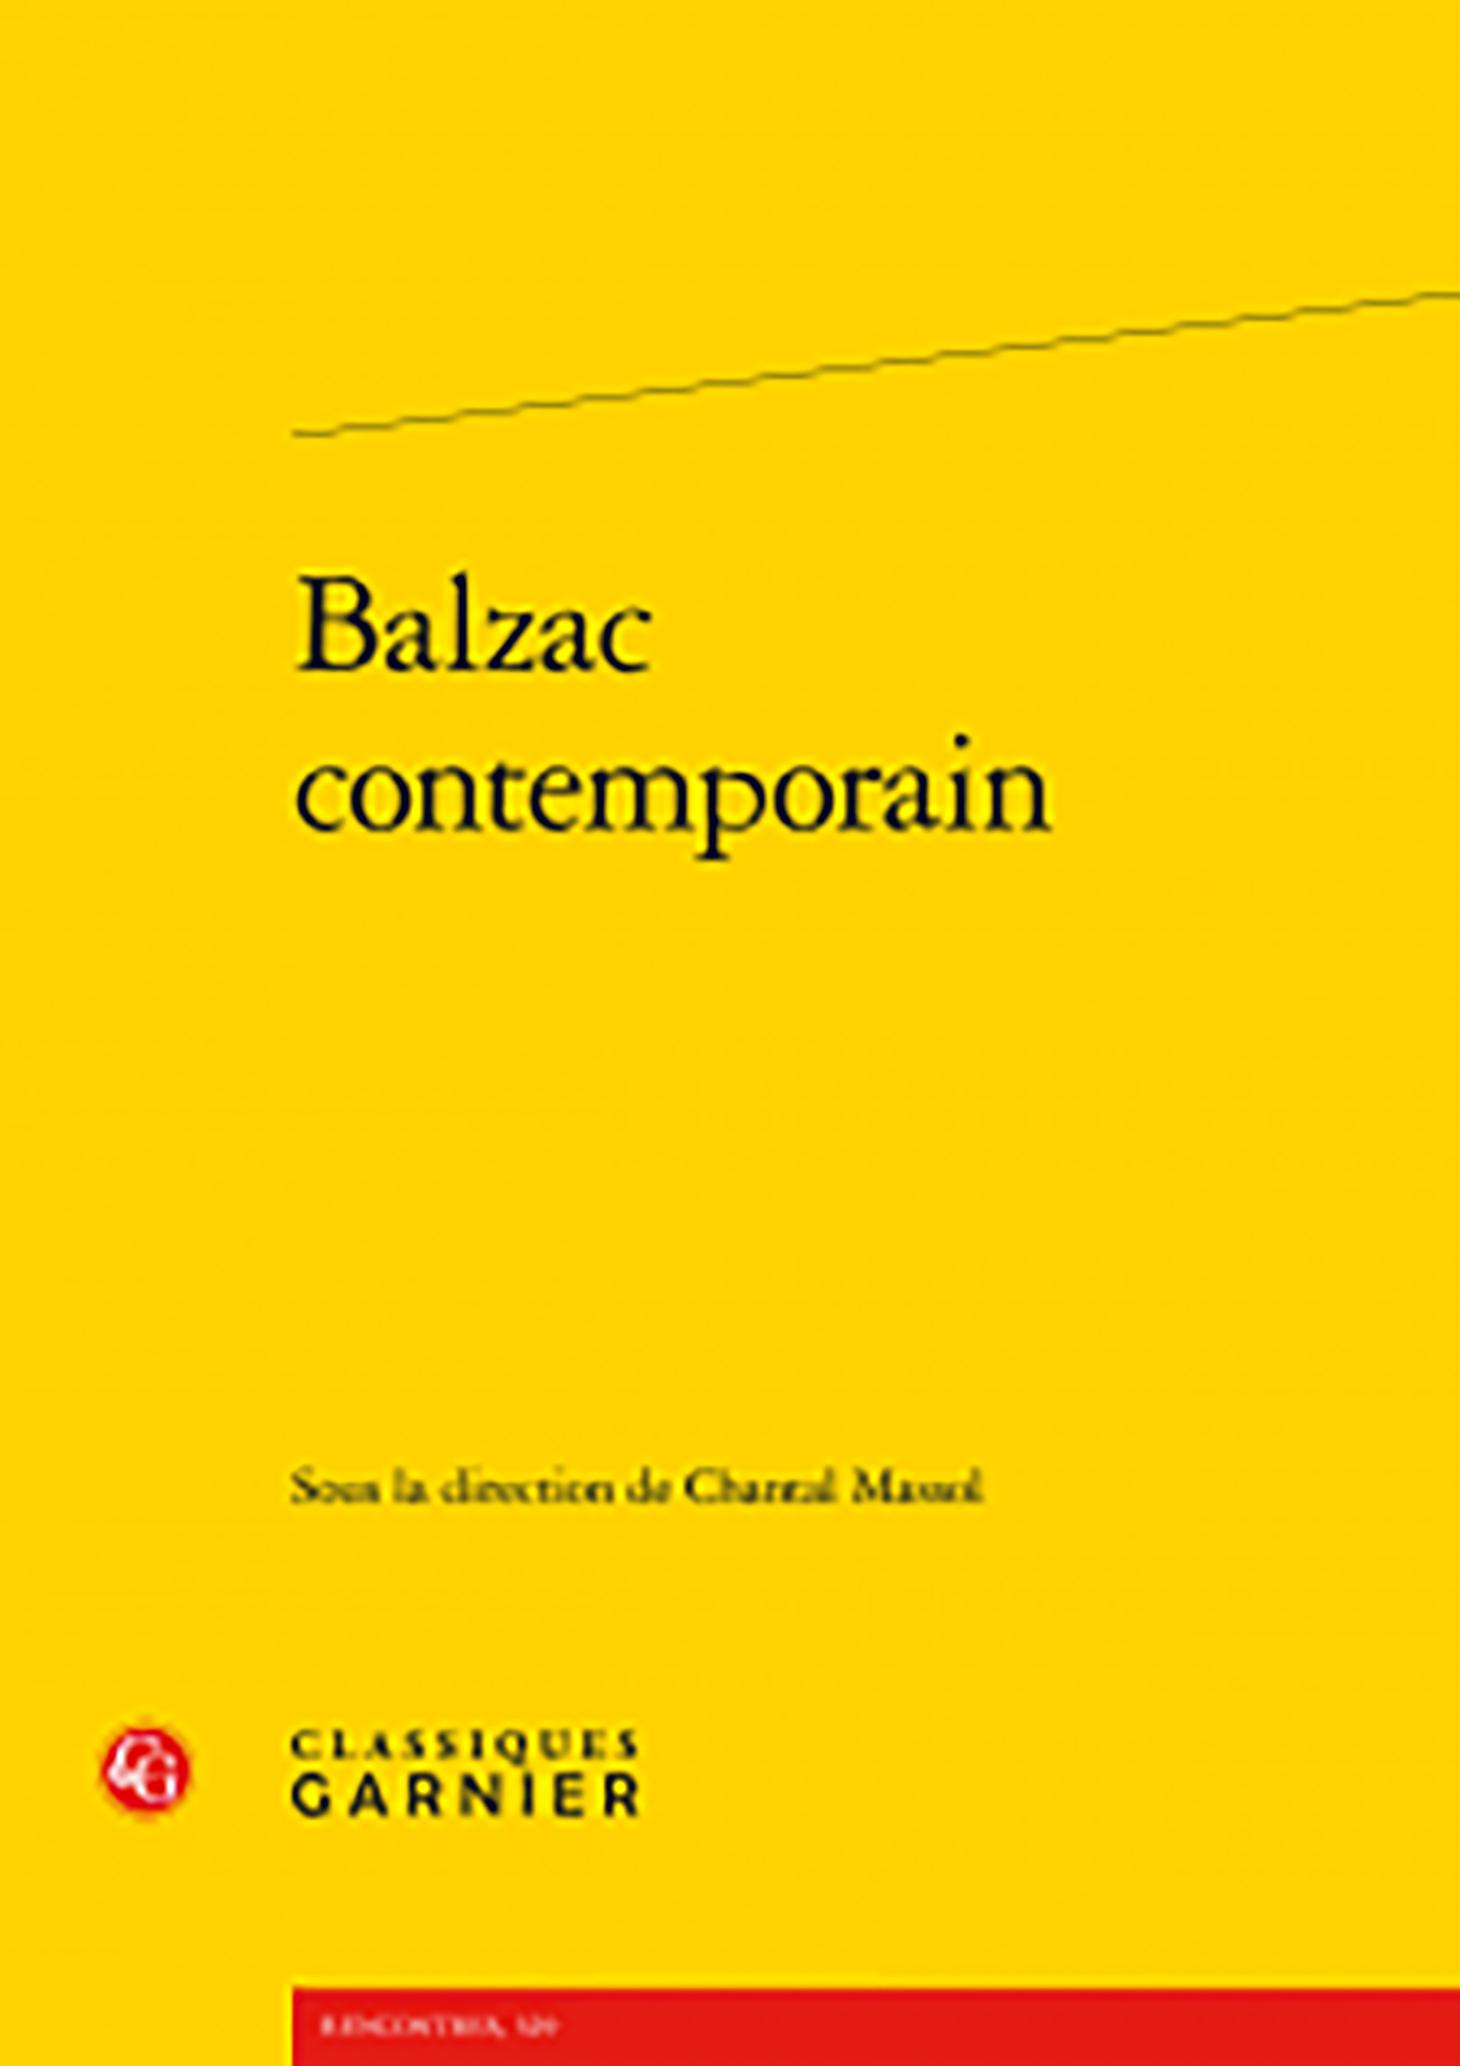 couverture de Balzac contemporain sous la direction de Chantal Massol